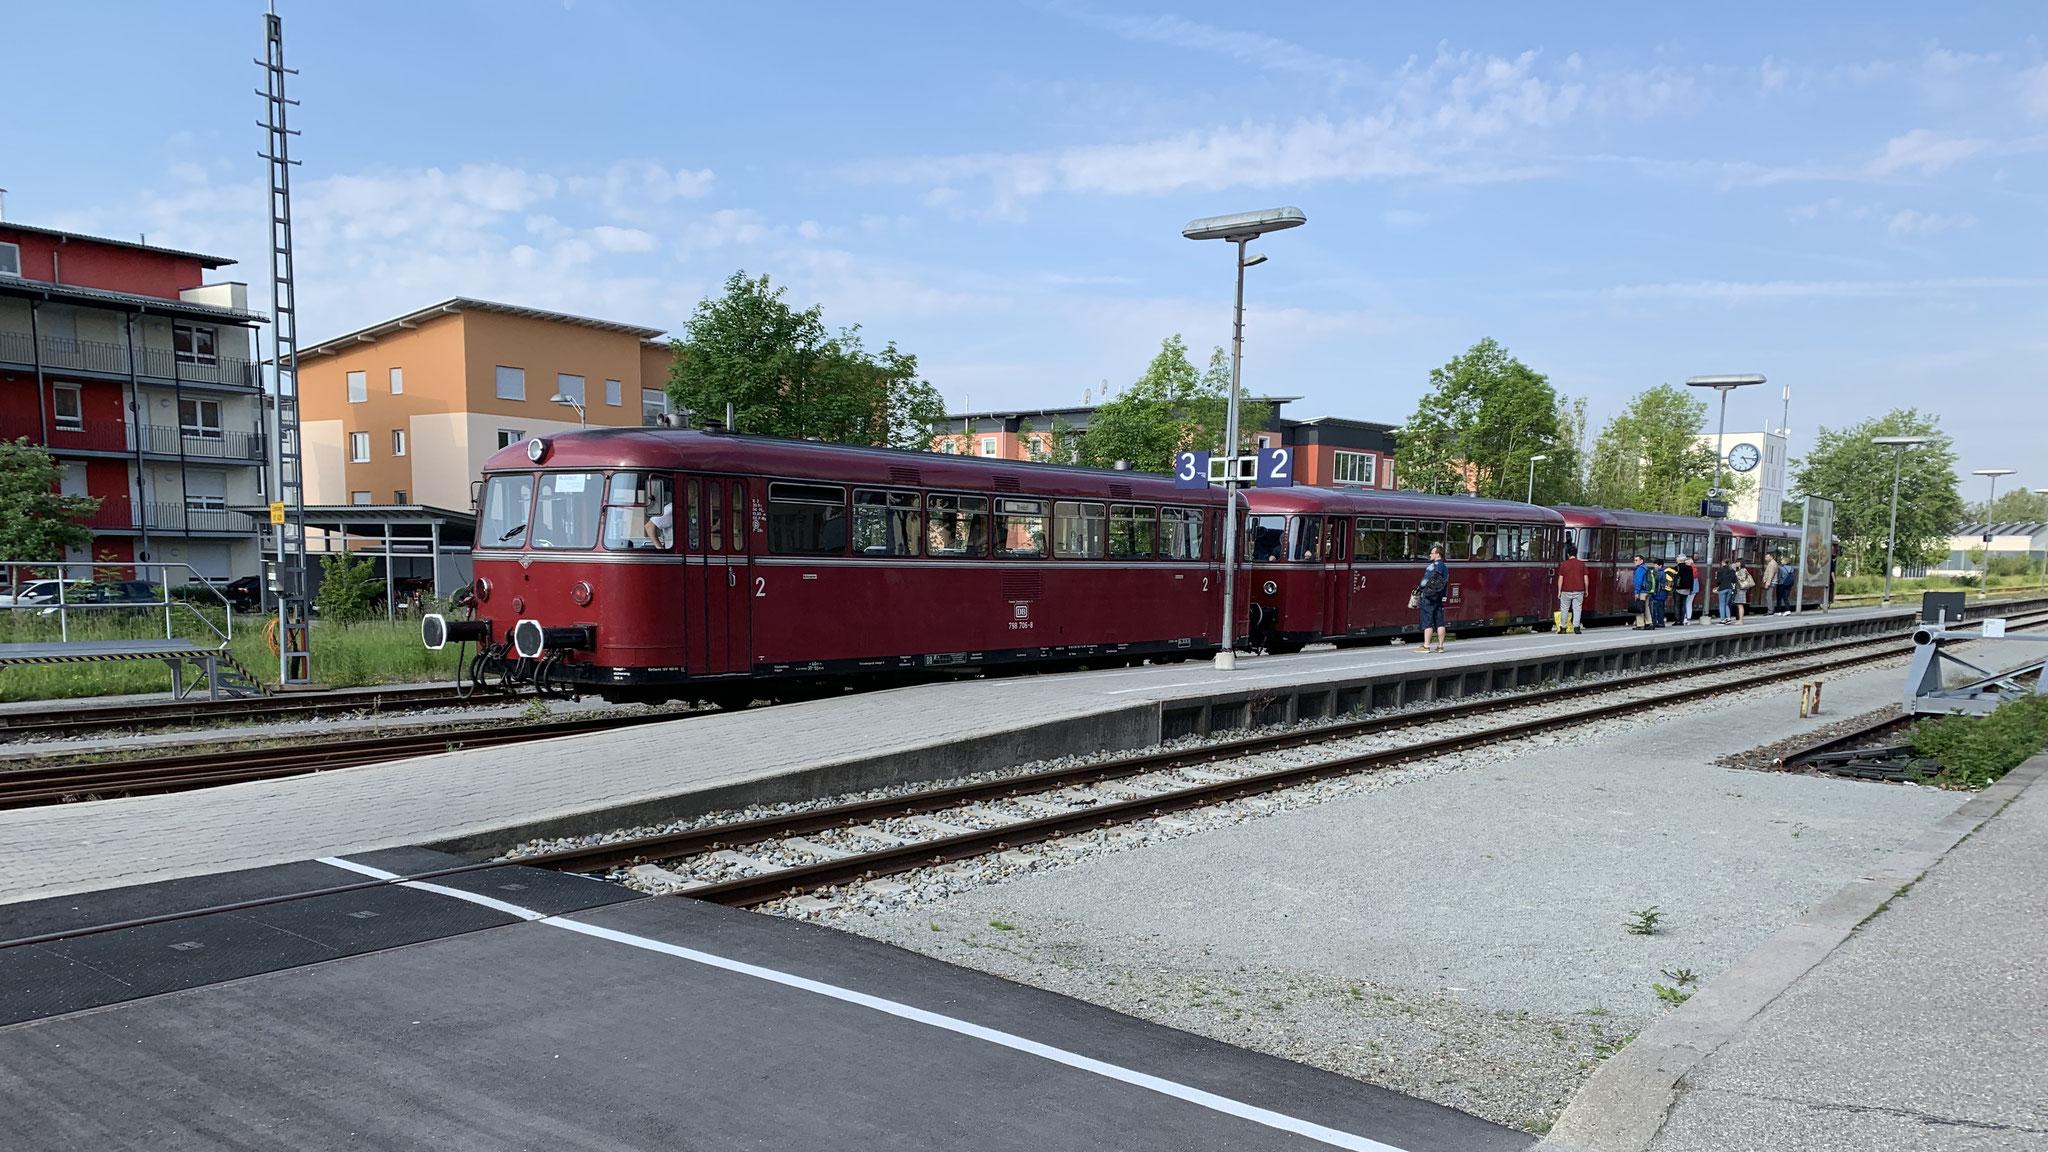 Pfarrkirchen, 8:29 Uhr: 4-teiliger Schienenbus der Passauer Eisenbahnfreunde